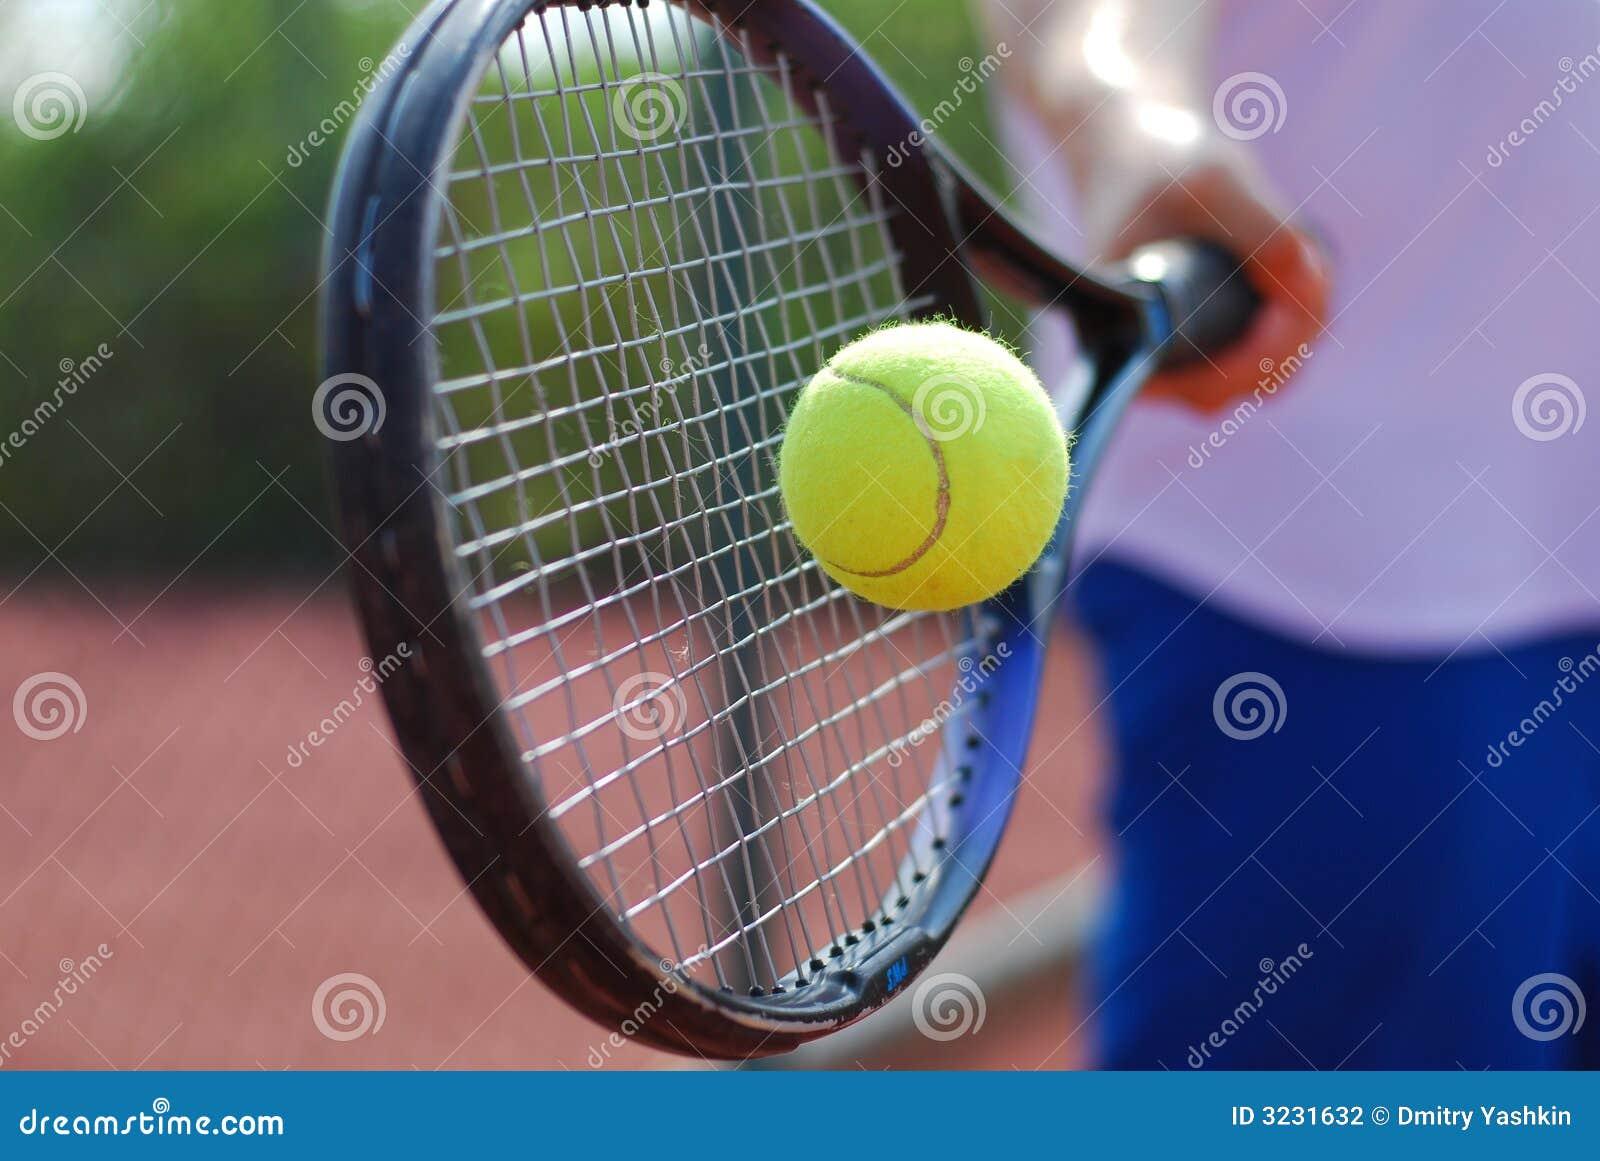 De racket en de bal van het tennis